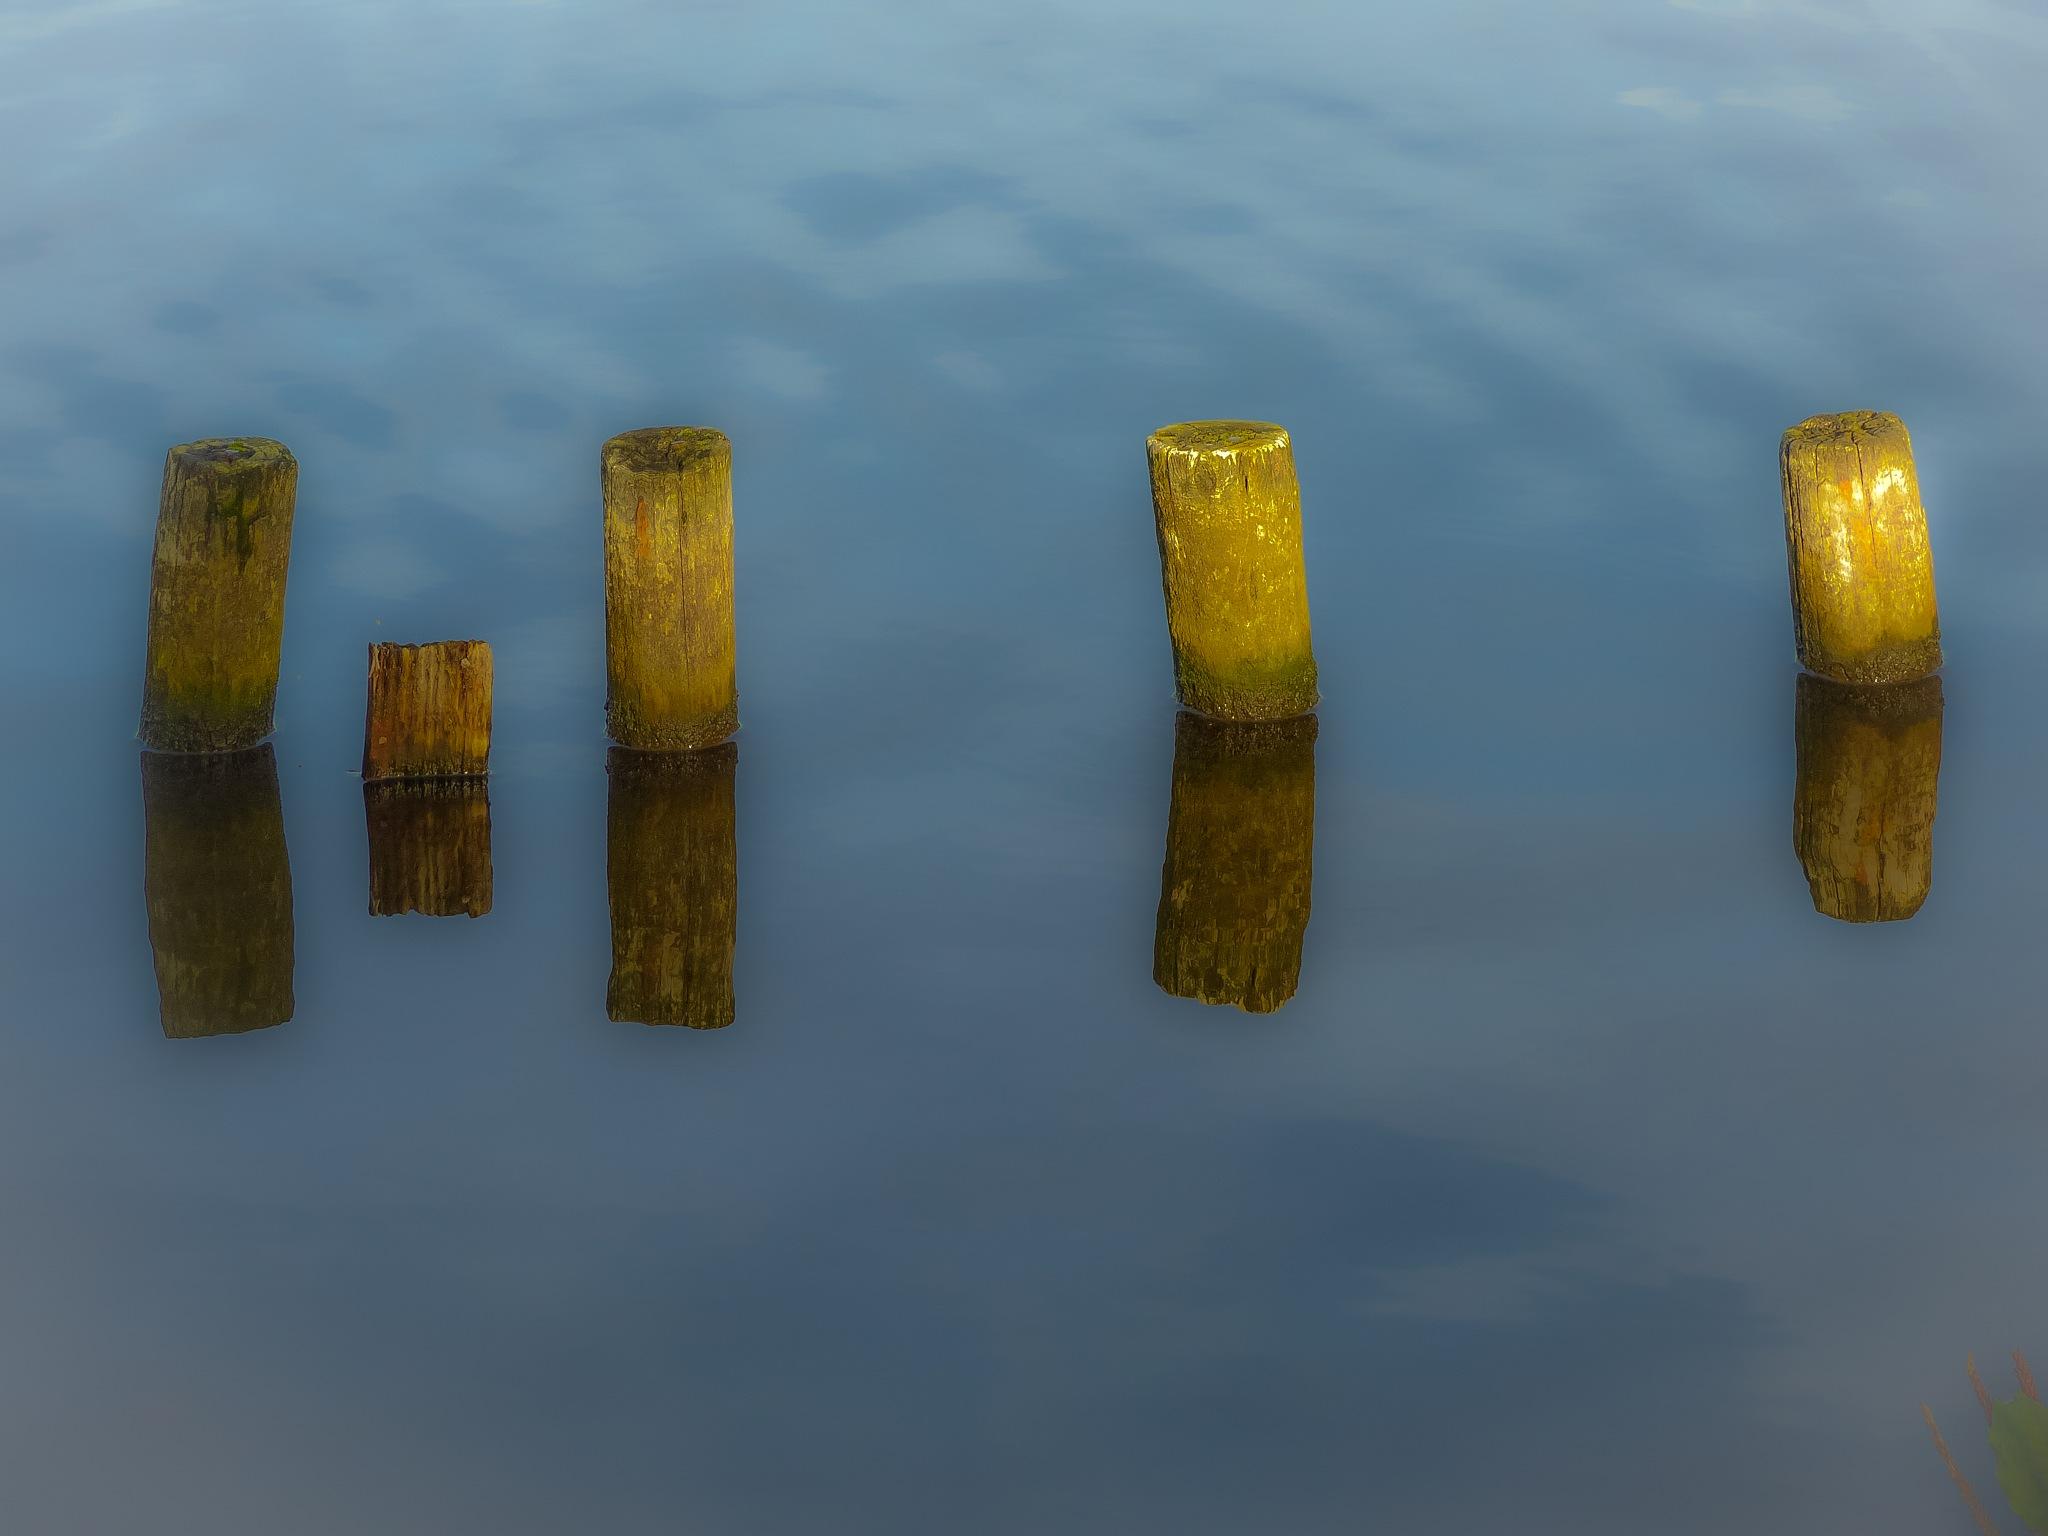 sun, water en wood by Paul Geutjes